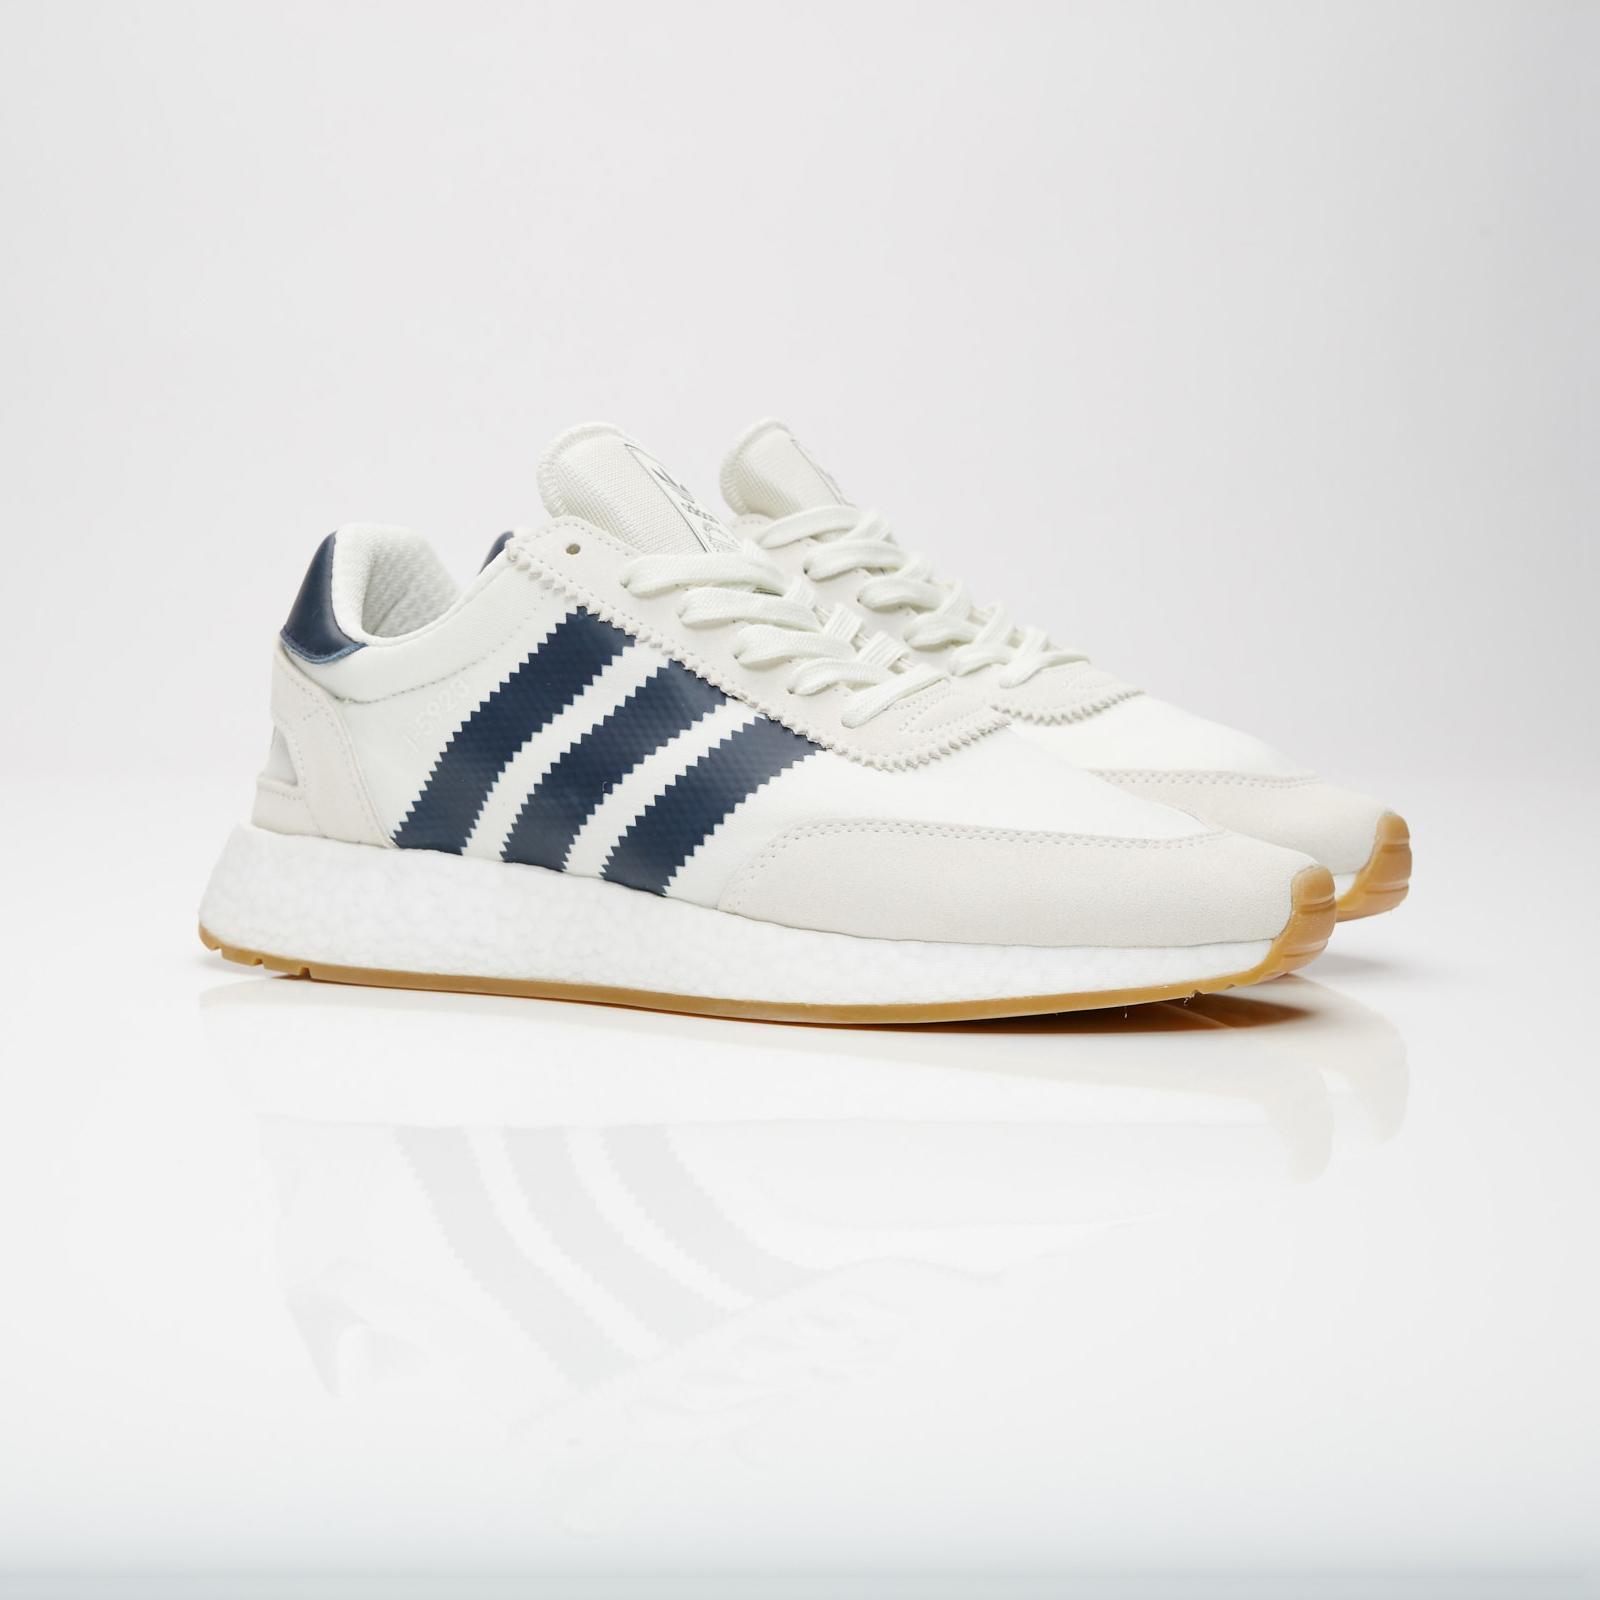 adidas Originals I 5923 Runner Boost WhiteNavy B37947